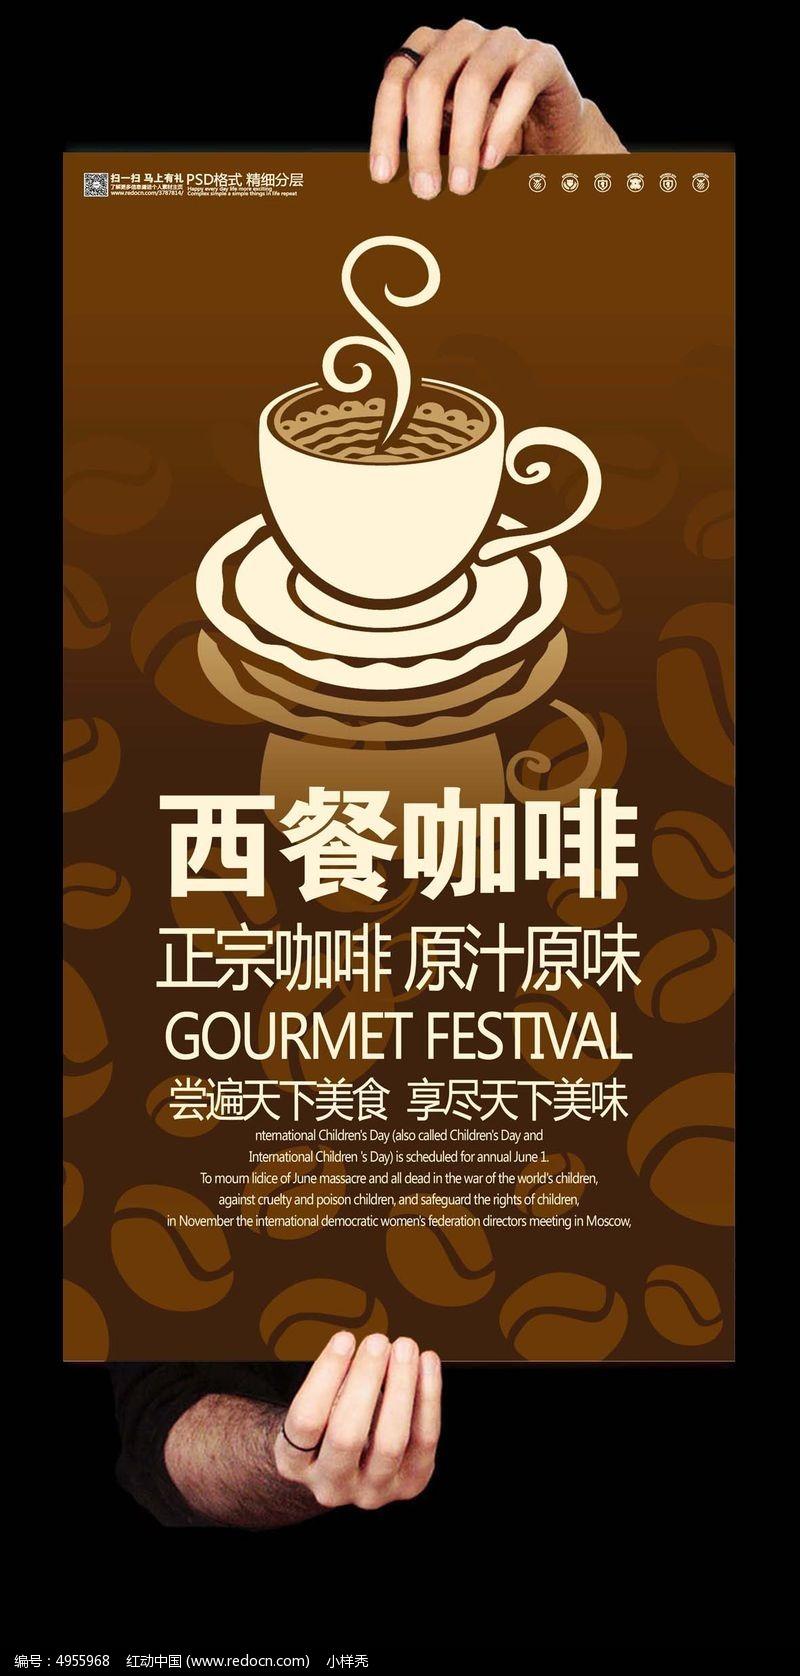 创意咖啡促销海报设计素材下载 编号4955968 红动网